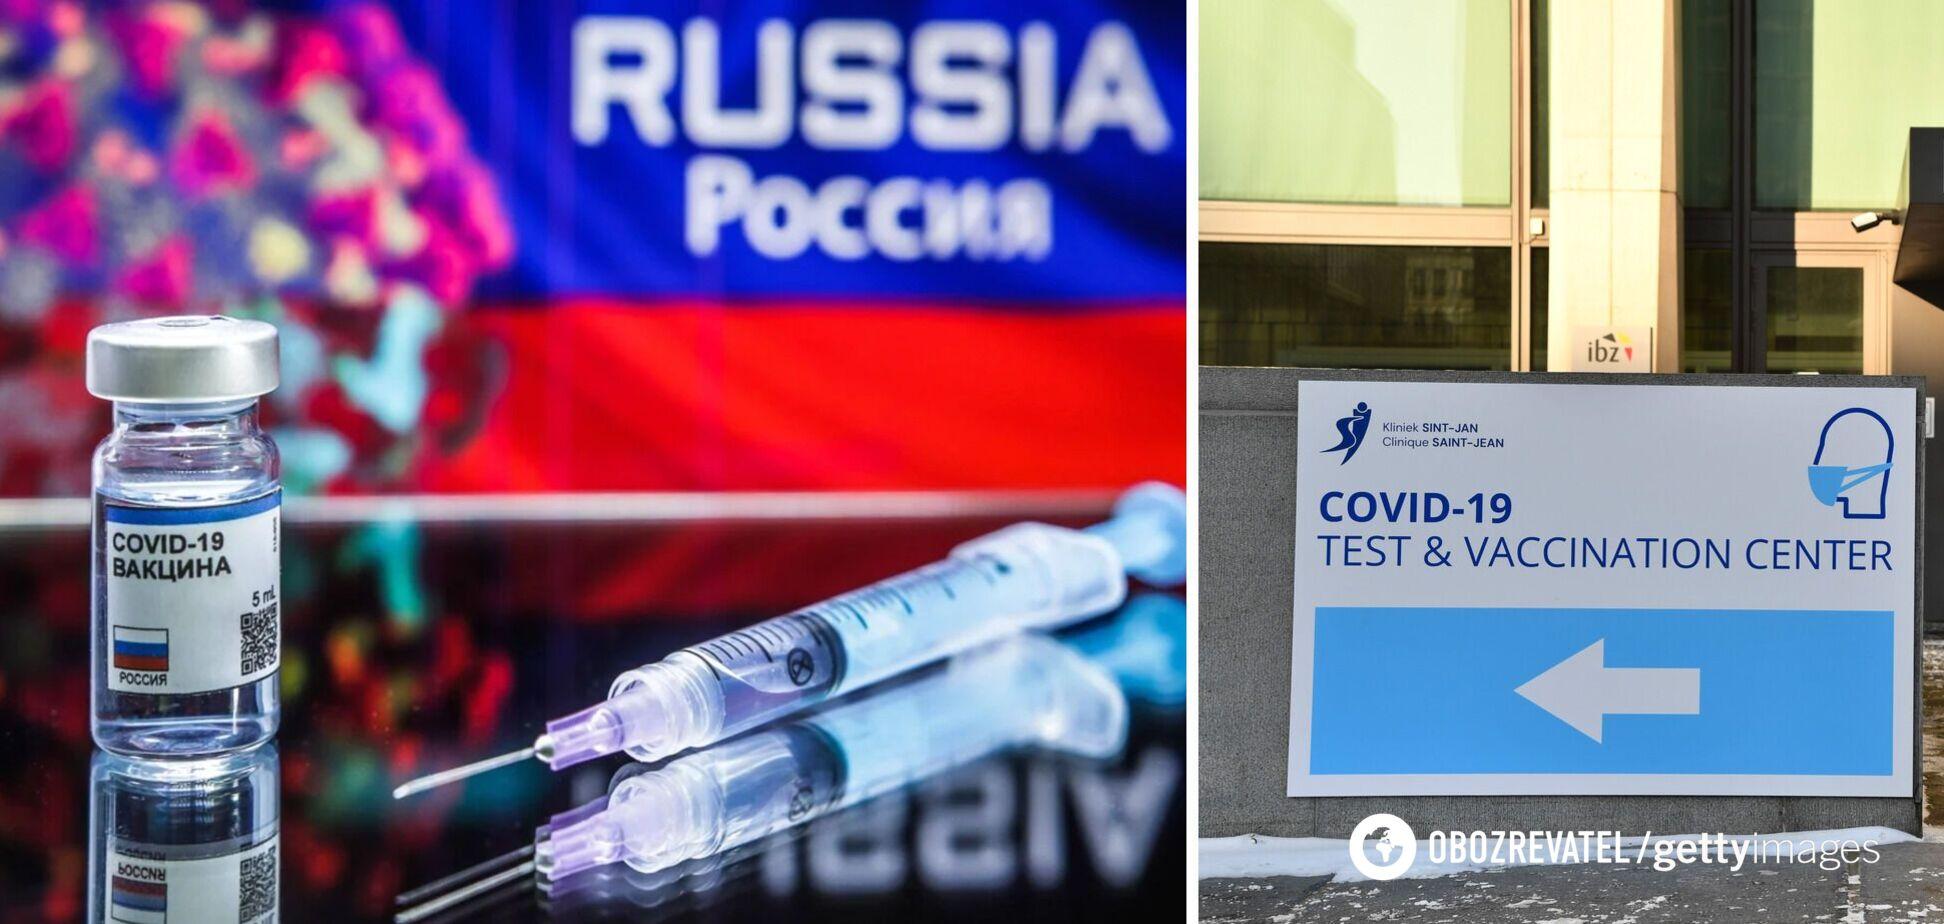 В Бельгии разоблачили российскую подделку вакцины от COVID-19